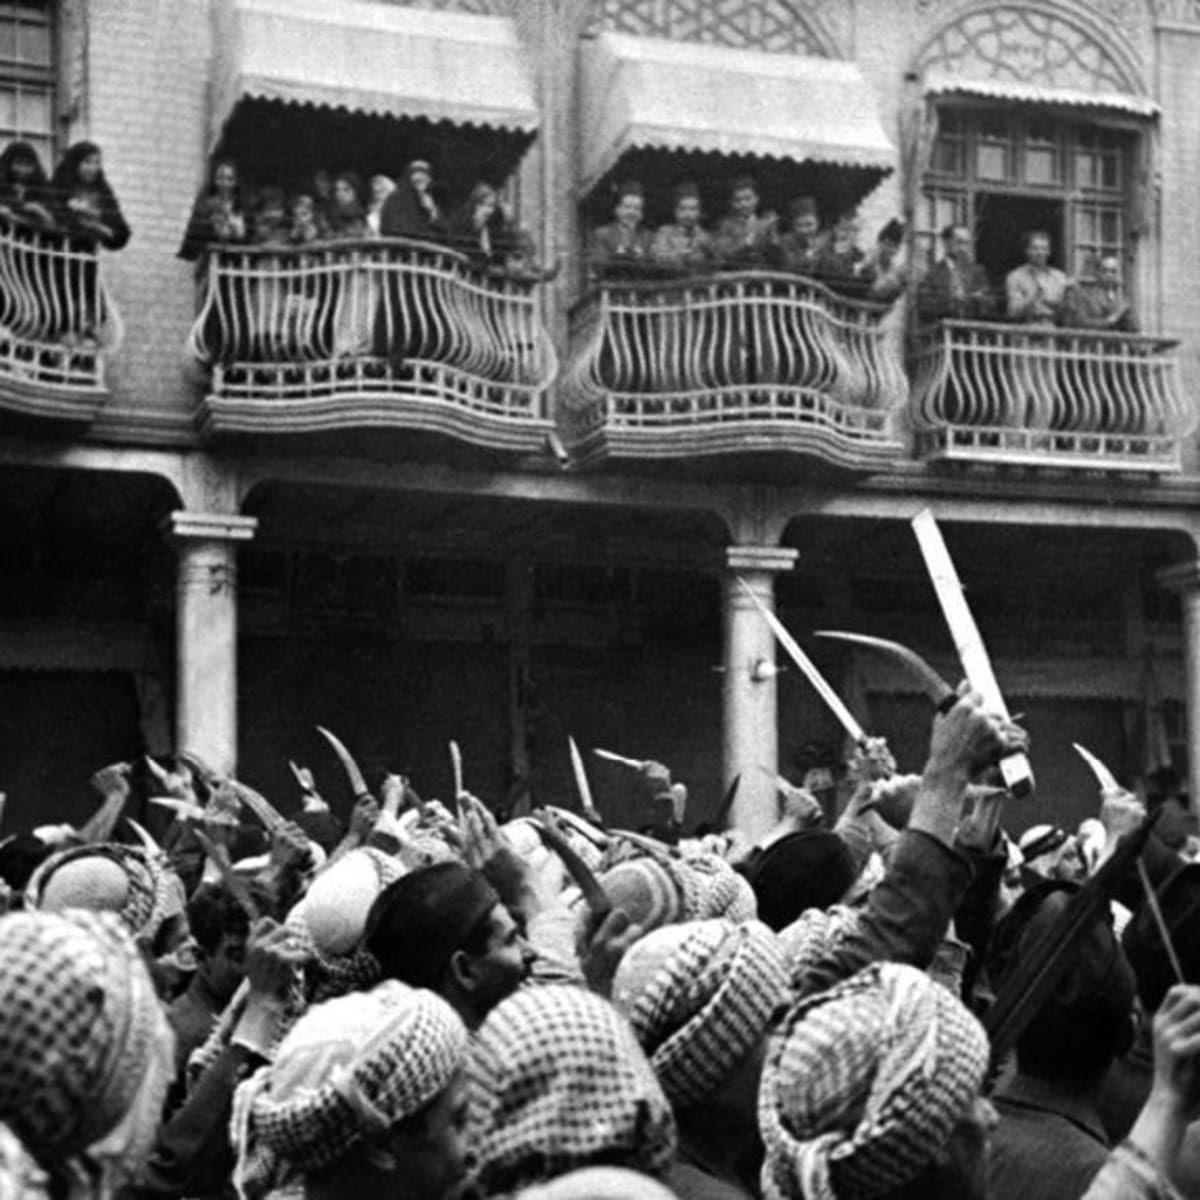 אחרי 77 שנה, גם יהודי עיראק דורשים הכרה כנפגעי הנאצים - חינוך ...